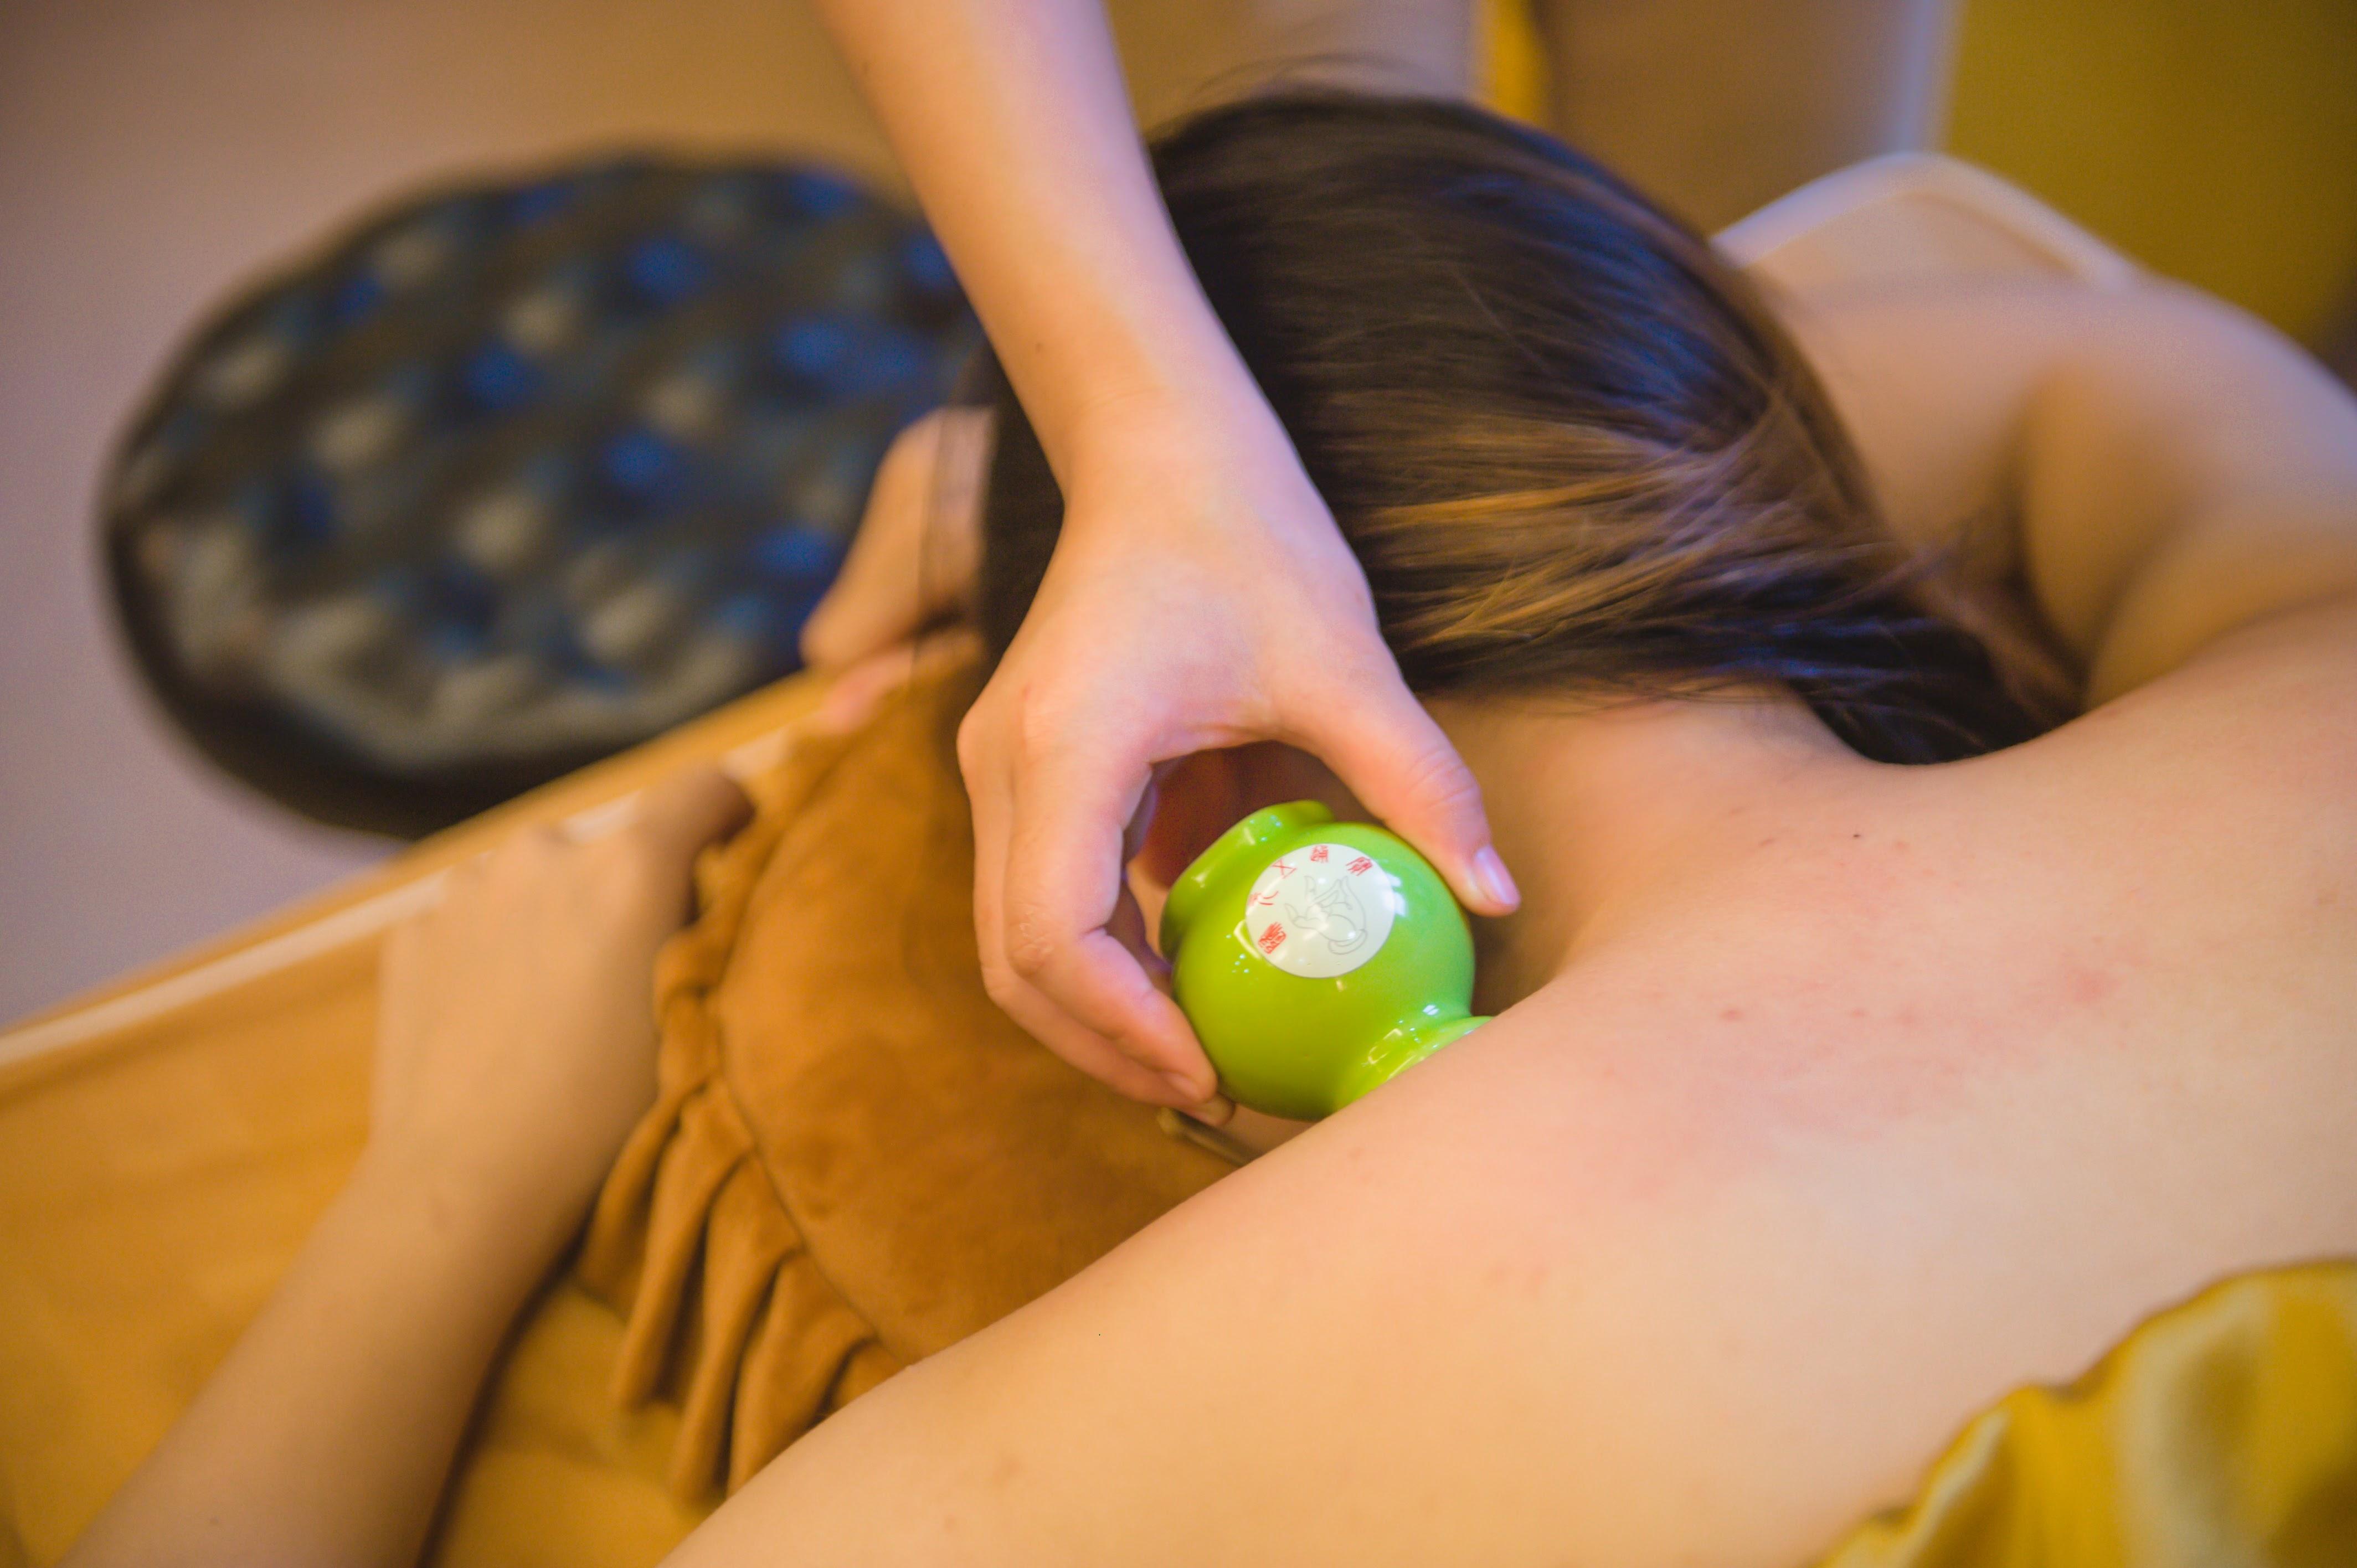 Địa chỉ massage thư giãn ở hà nội 2016 uy tín cho đến nay